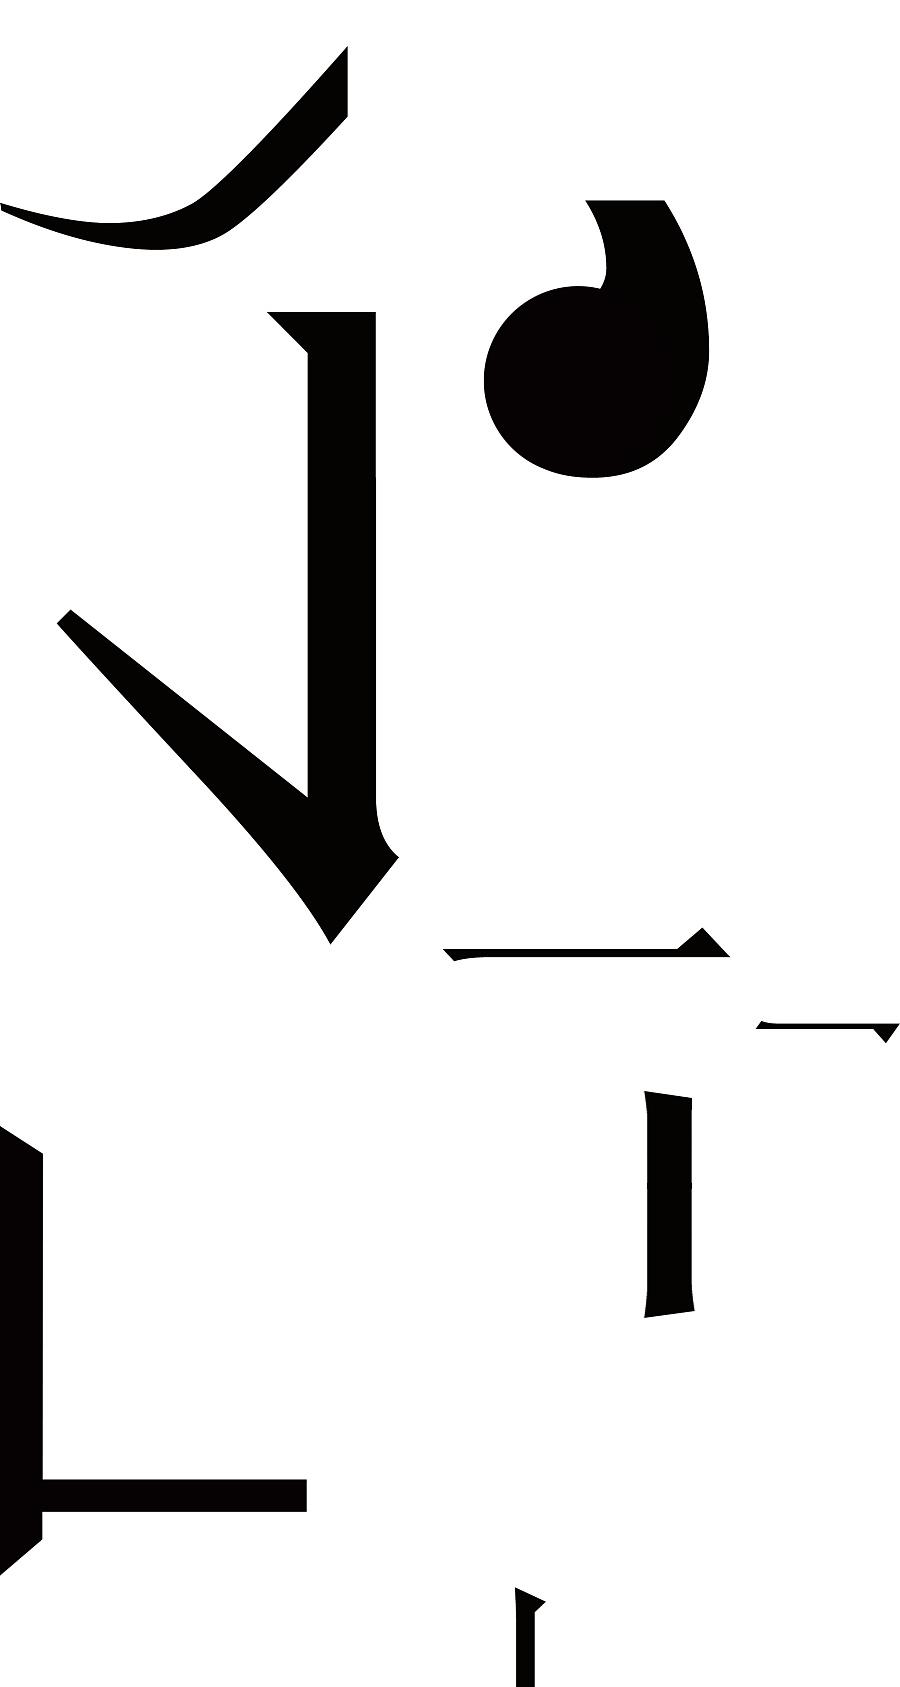 贺兰五宝宁夏石西夏文简易v简易井下字体厕所cad设计图图片